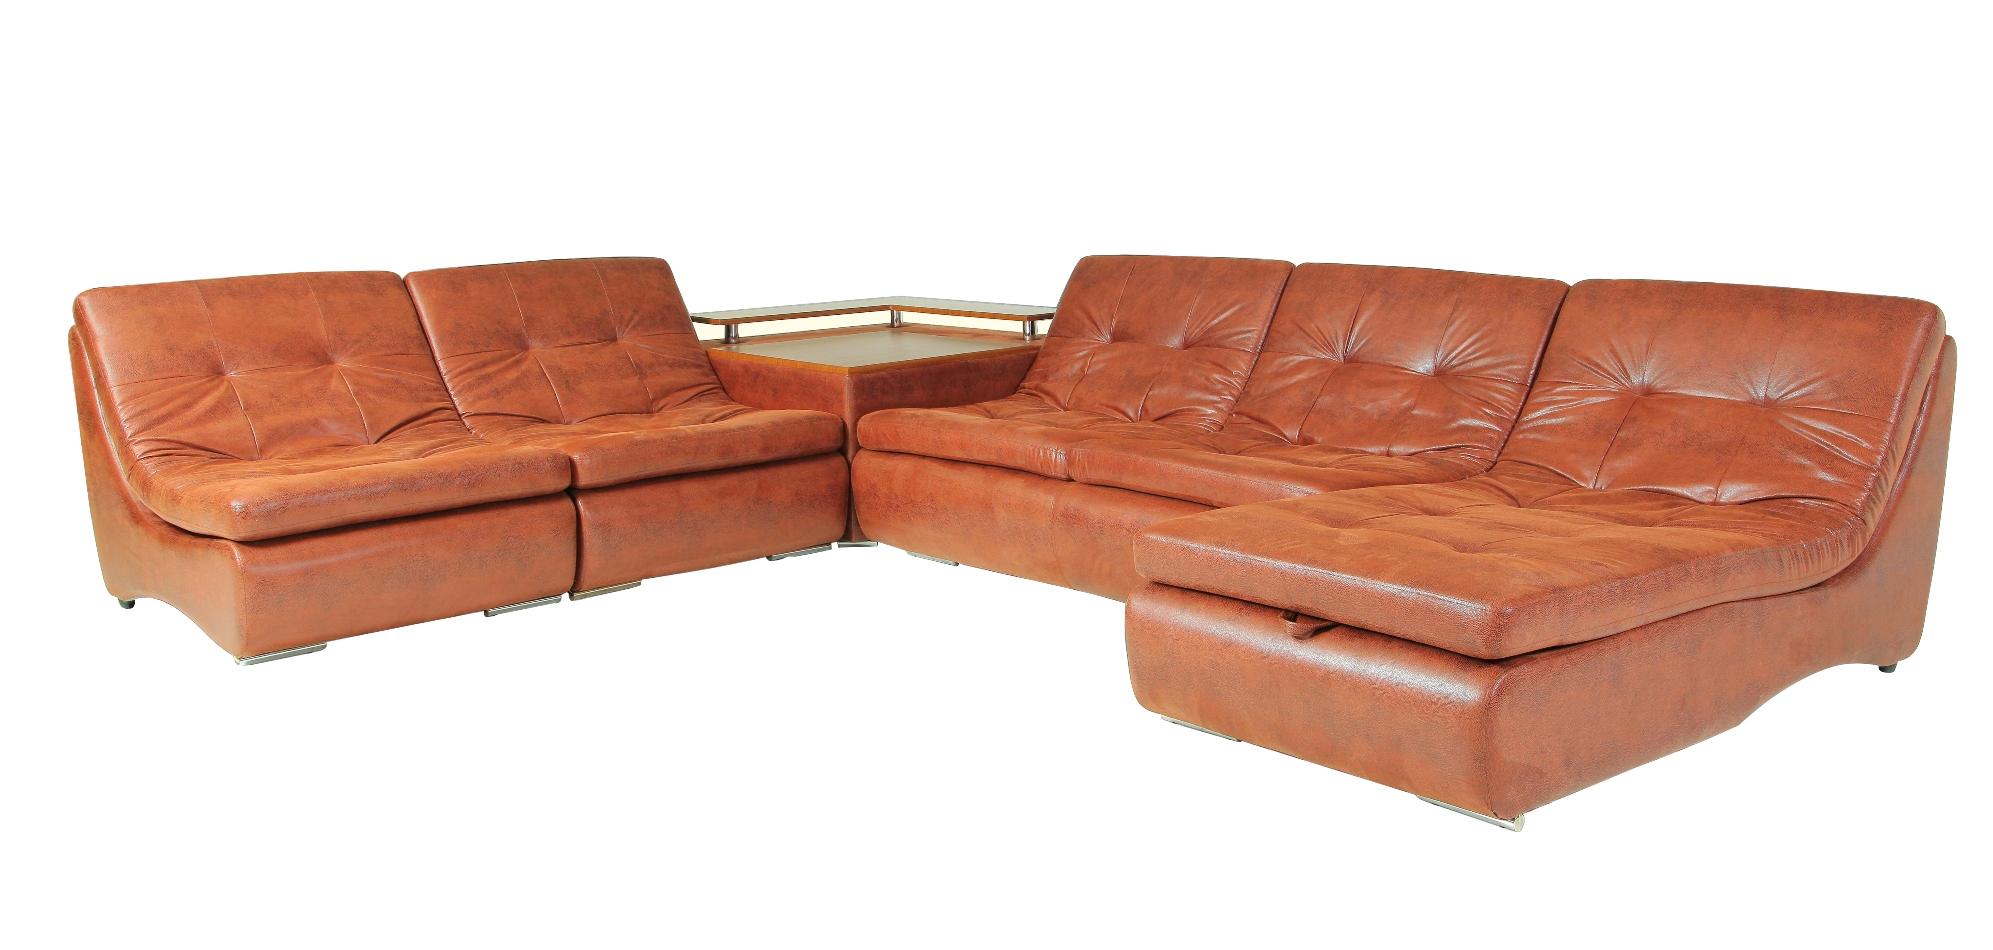 Угловой модульный диван Монреаль-5 канапе диван ру монреаль velvet marengo